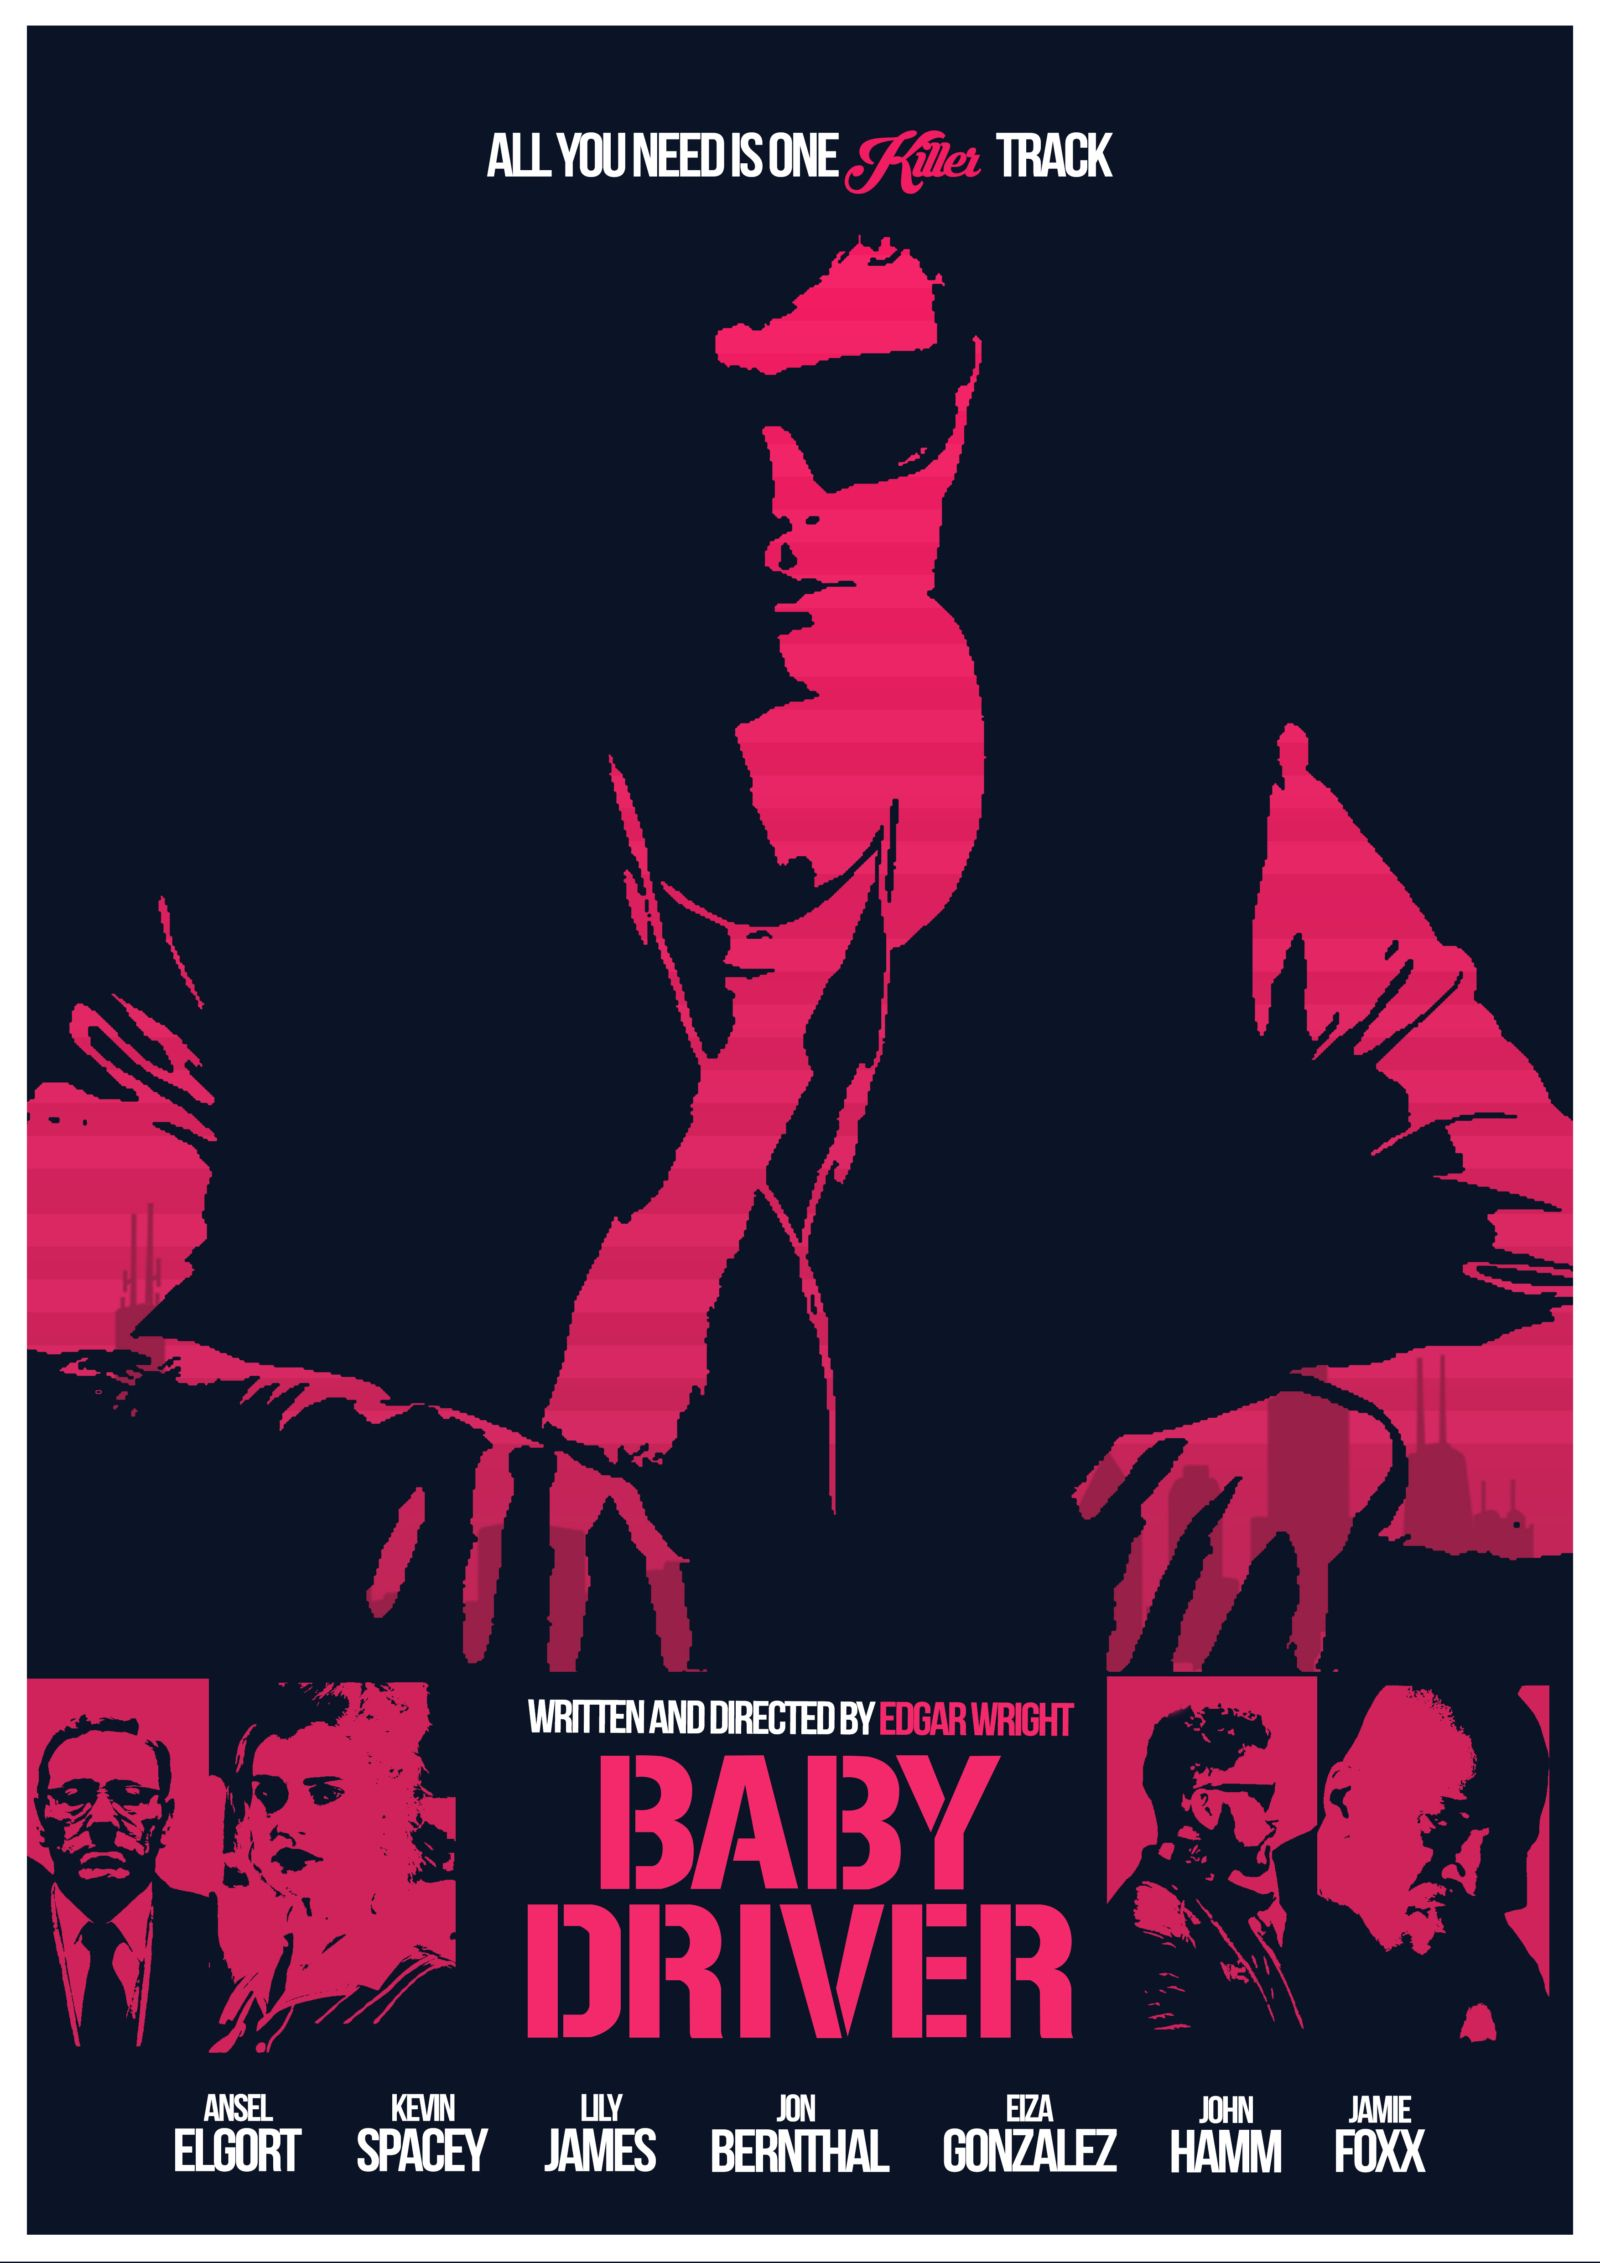 Poster design online free download - Watch Baby Driver 2017 Movie Online Watch